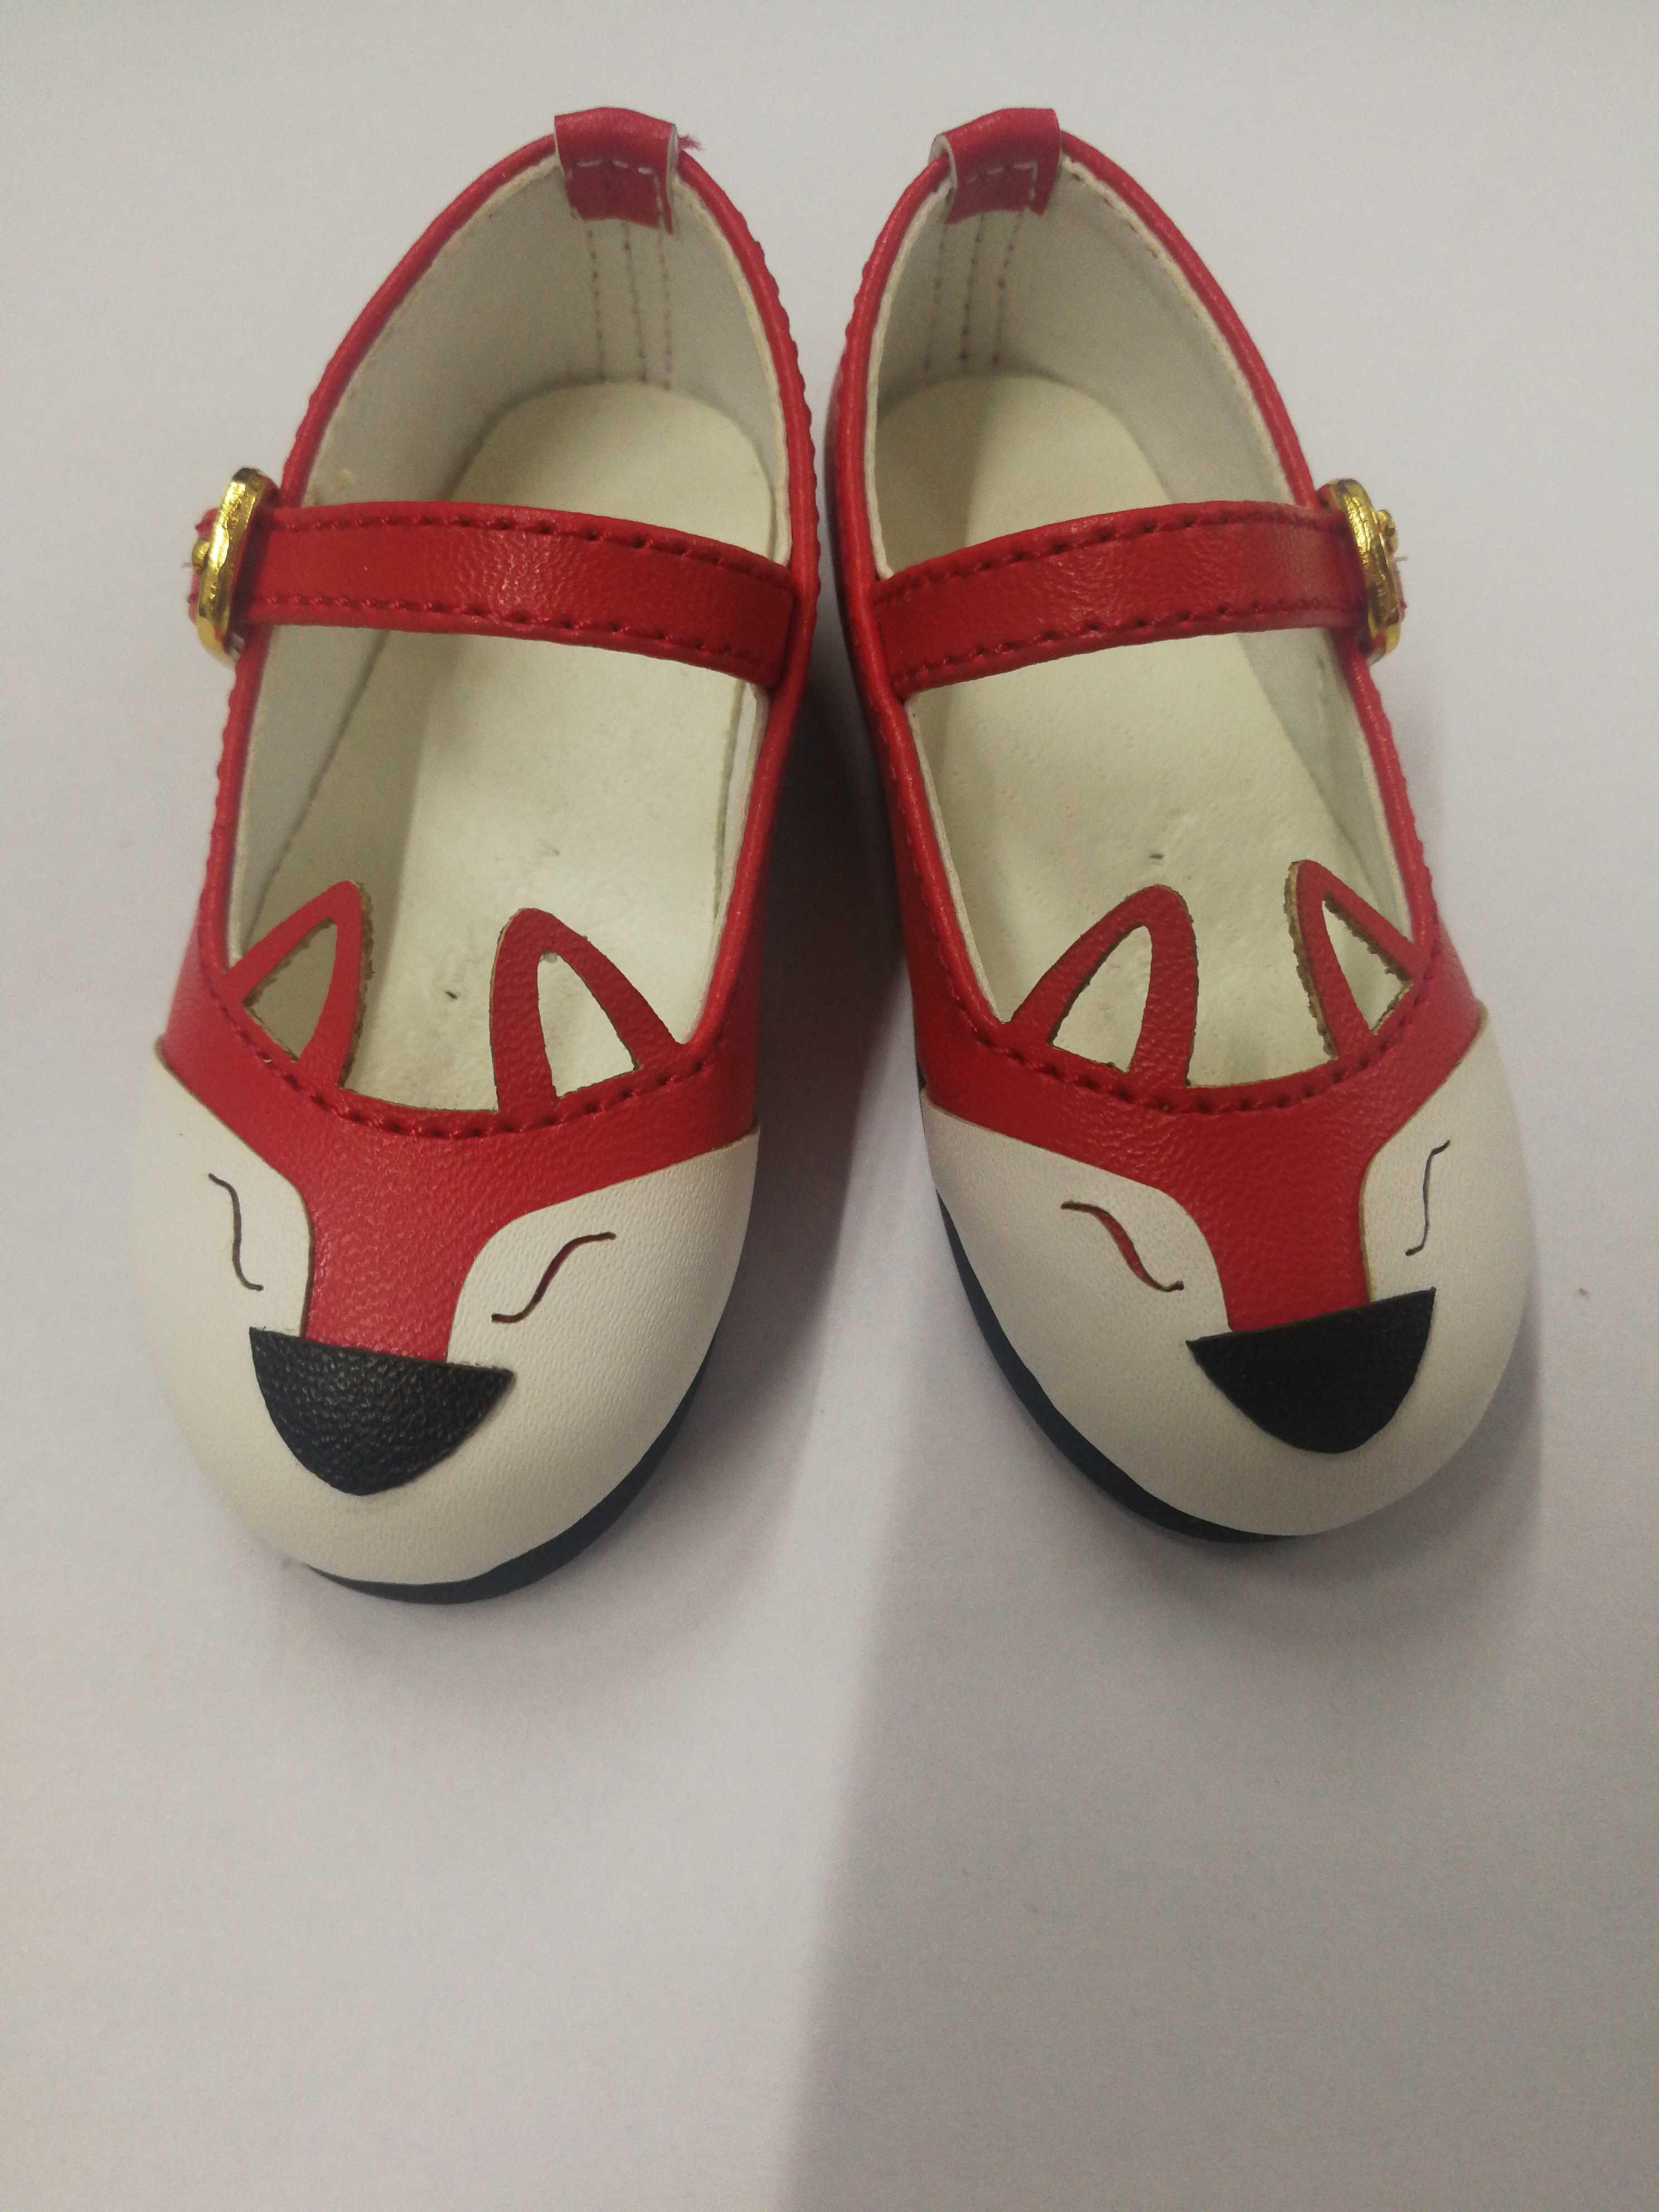 BJD doll shoes